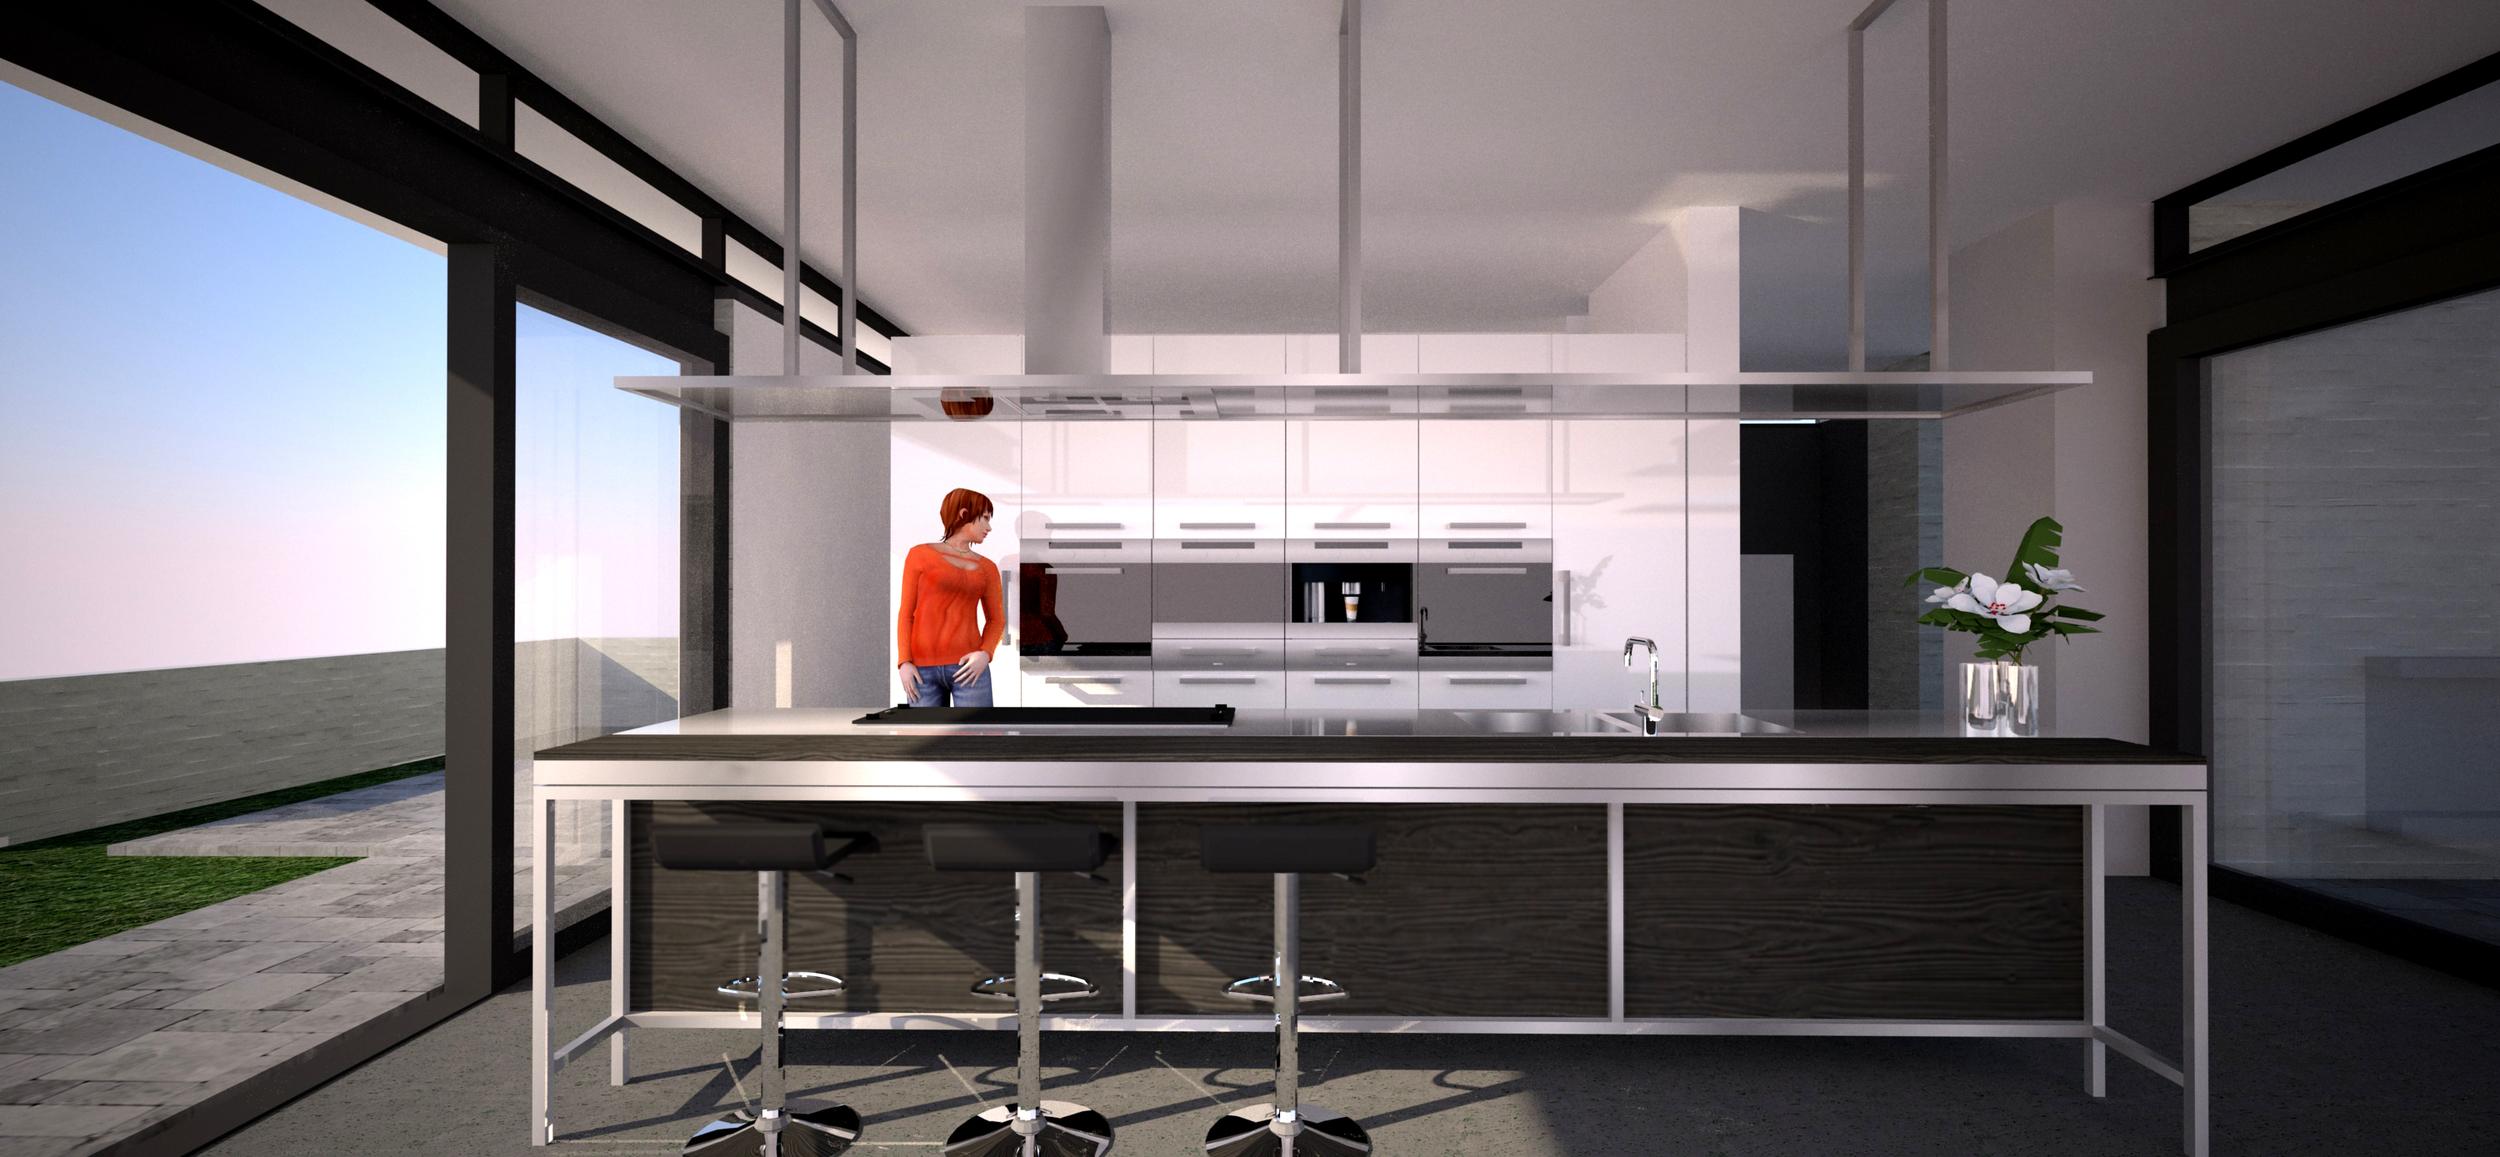 kitchen perspective 2.jpg